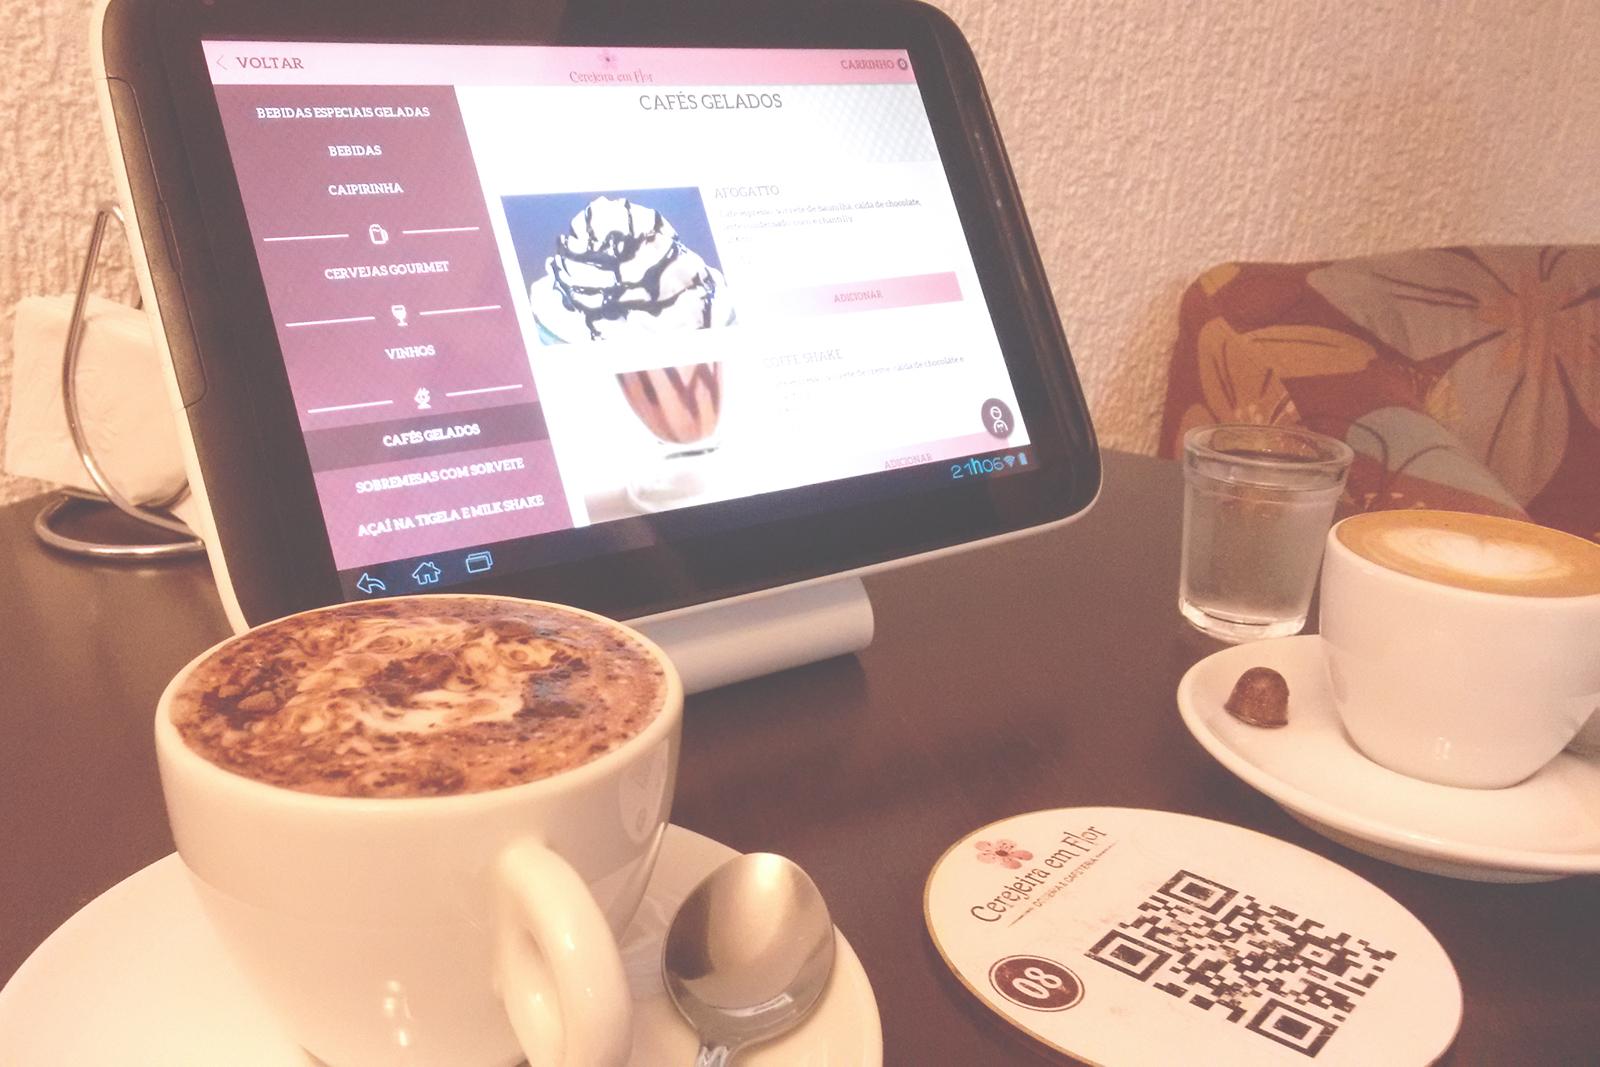 cafés menu tablet menu eletrônico Cafeteria & Doceria Cerejeira em Flor campinas